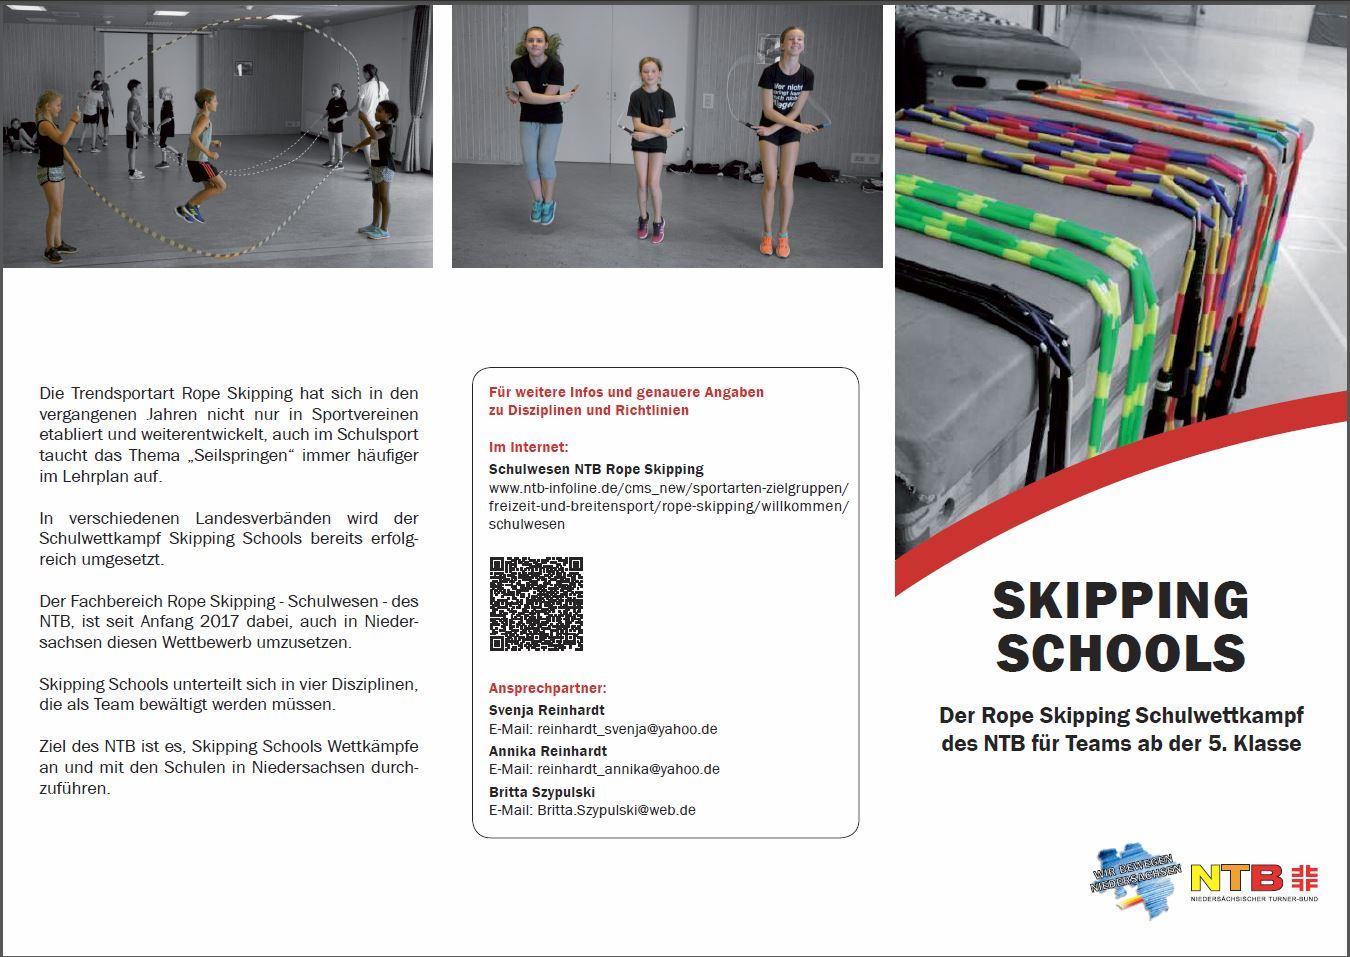 Skipping Schools - Niedersächsischer Turner-Bund (NTB)